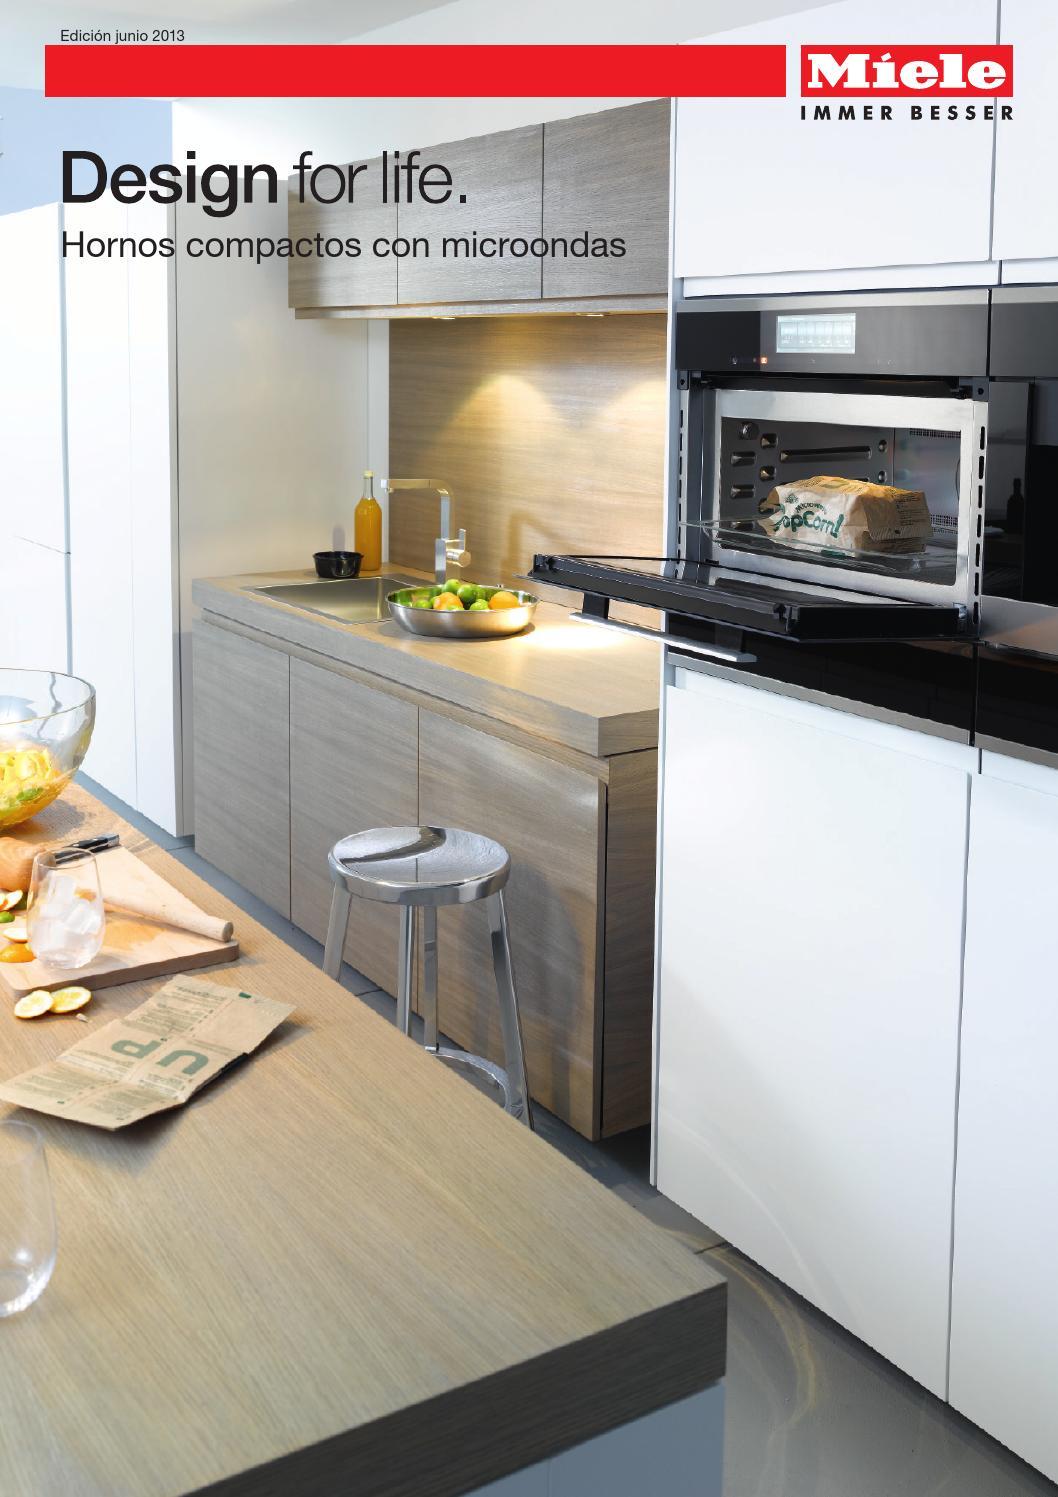 Miele cat logo hornos compactos con microondas es by for Hornos compactos baratos